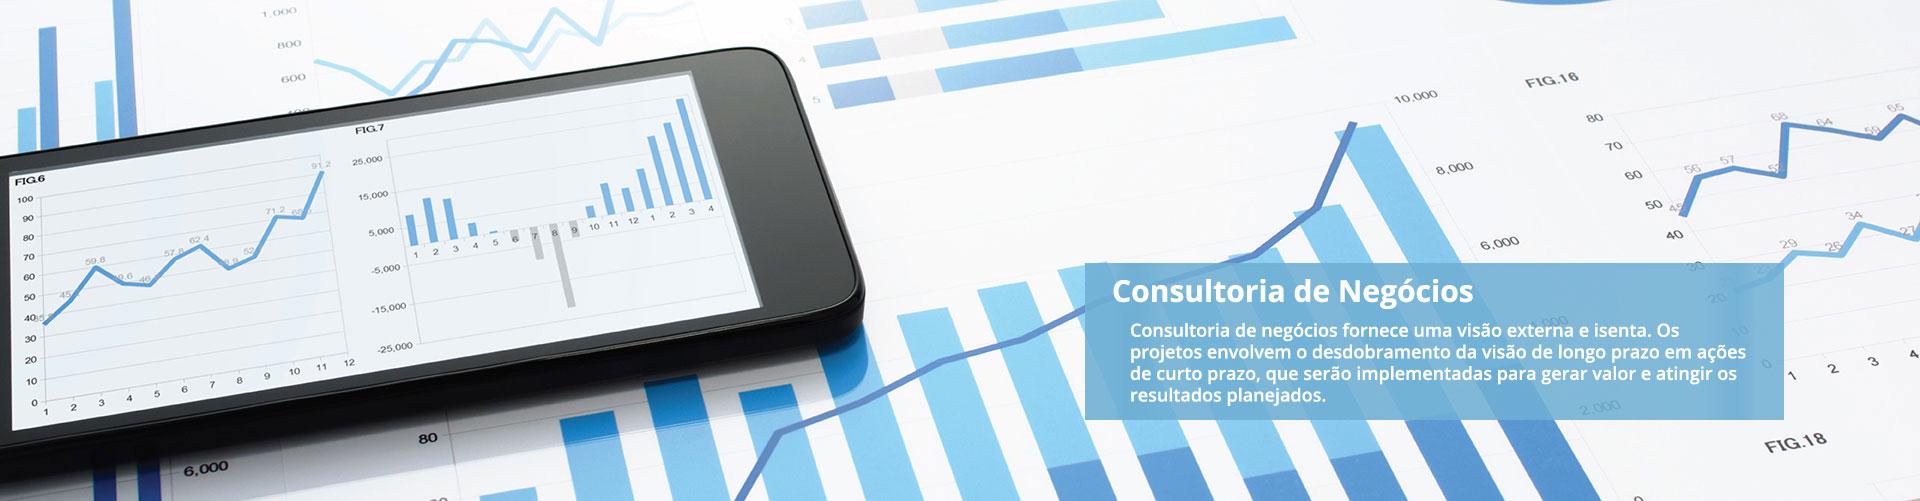 consultoria_negocios_excelia_alta_1920x501px-2